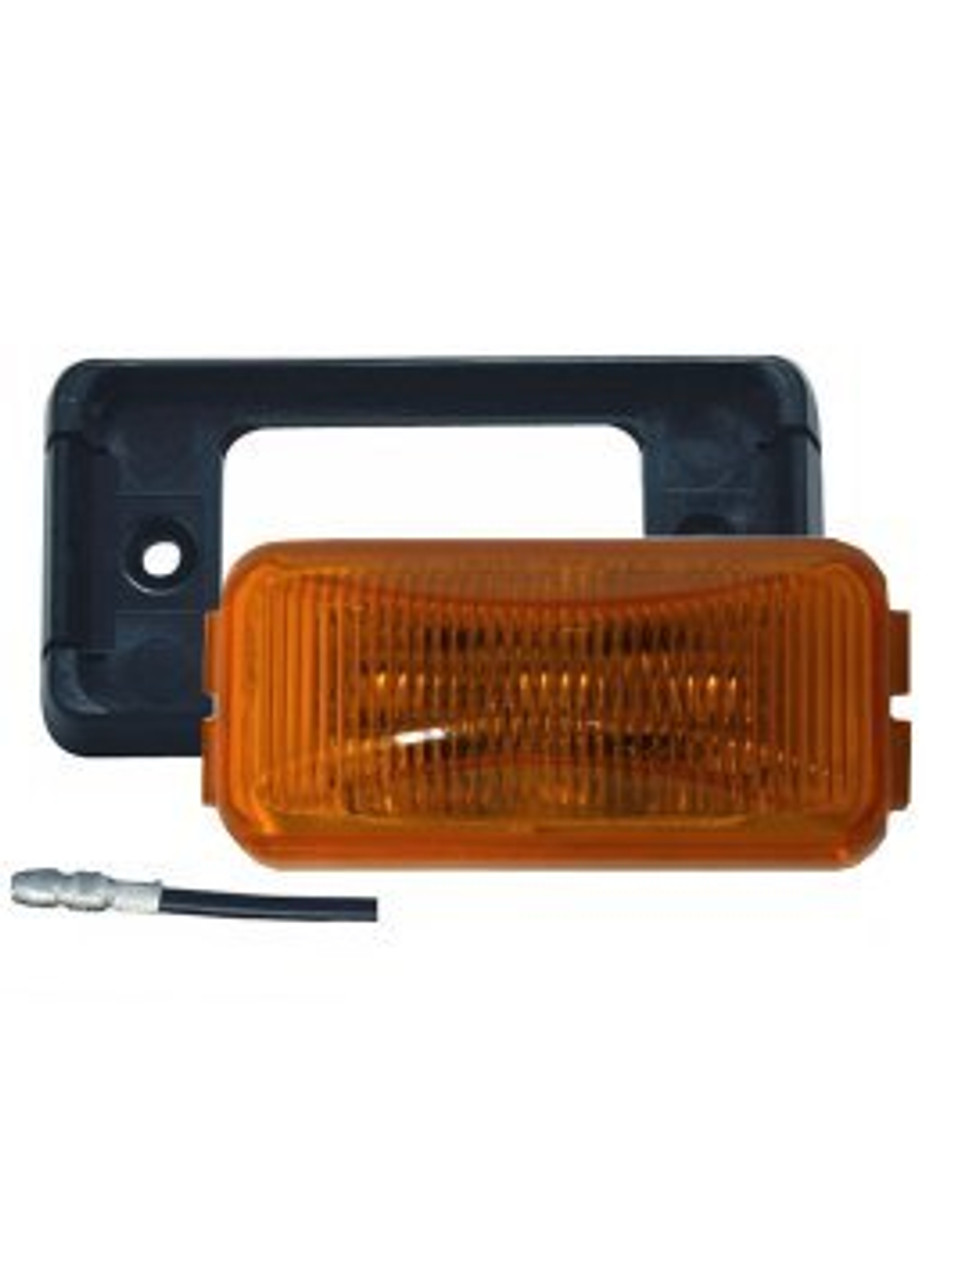 150KA-B --- Rectangular Sealed Clearance/Side Marker Light Kit